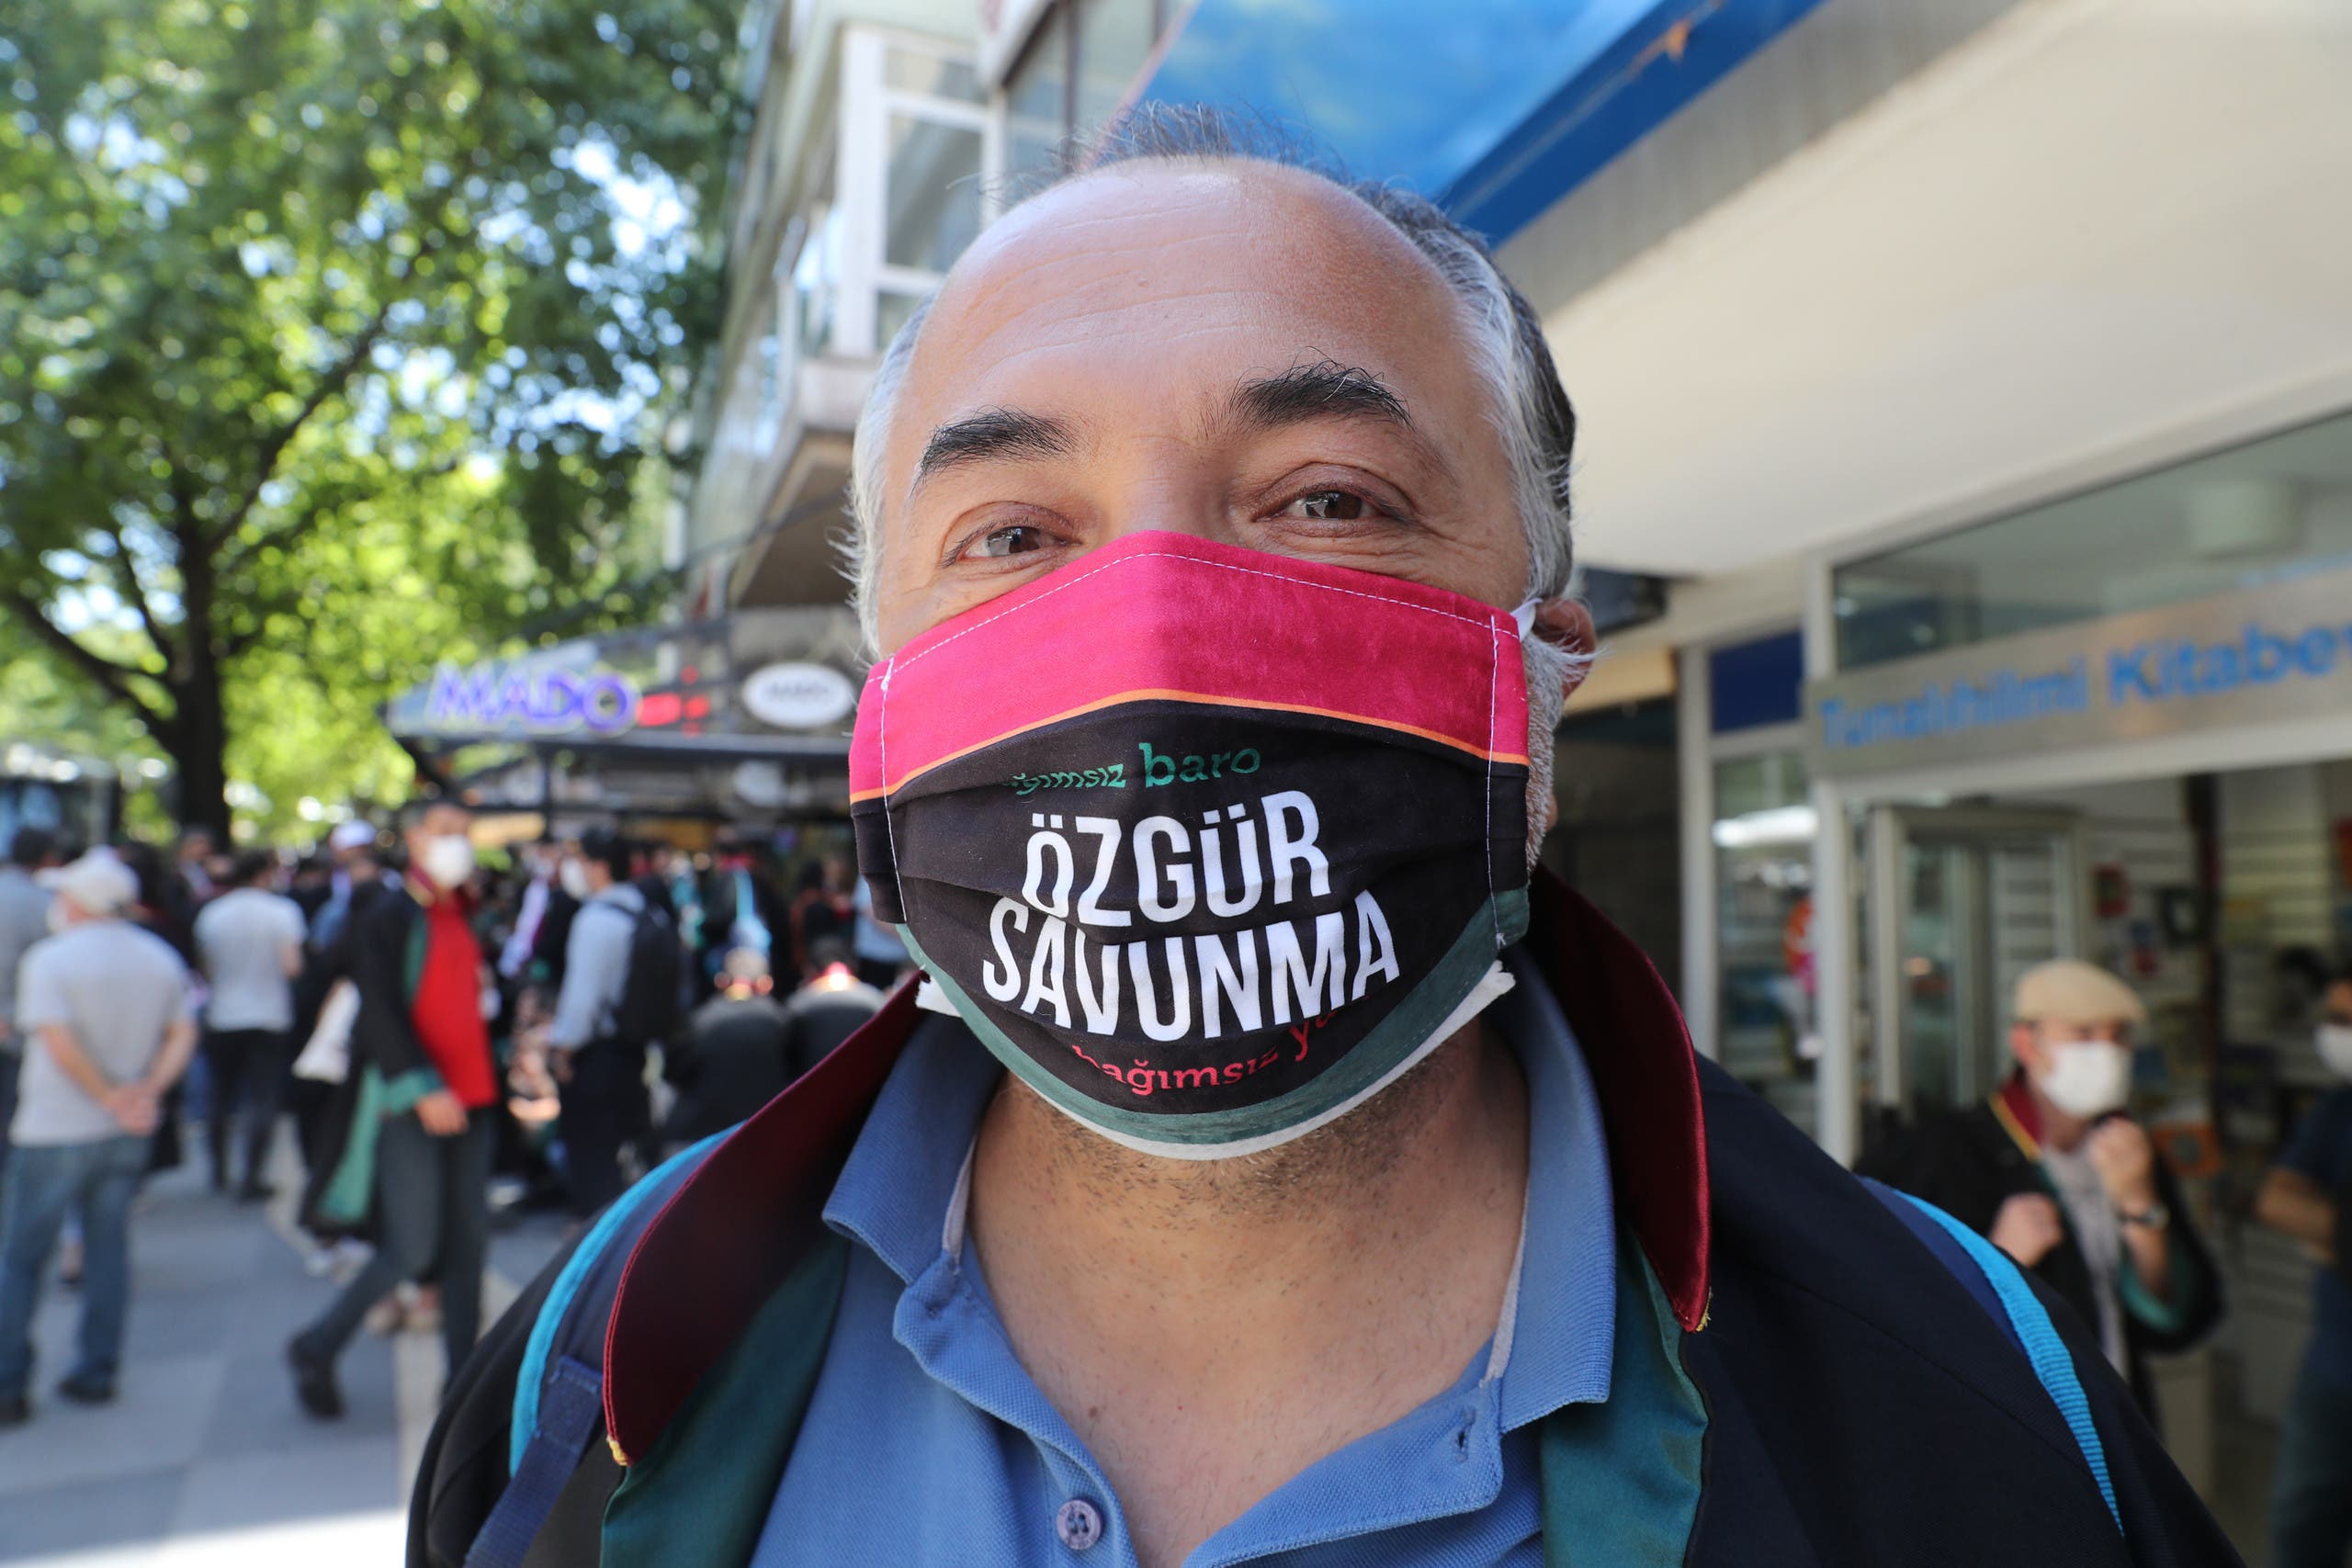 """محامي يعتصم أمام قصر العدل باسطنبول وكتب على كمامته """"حرية الدفاع"""""""